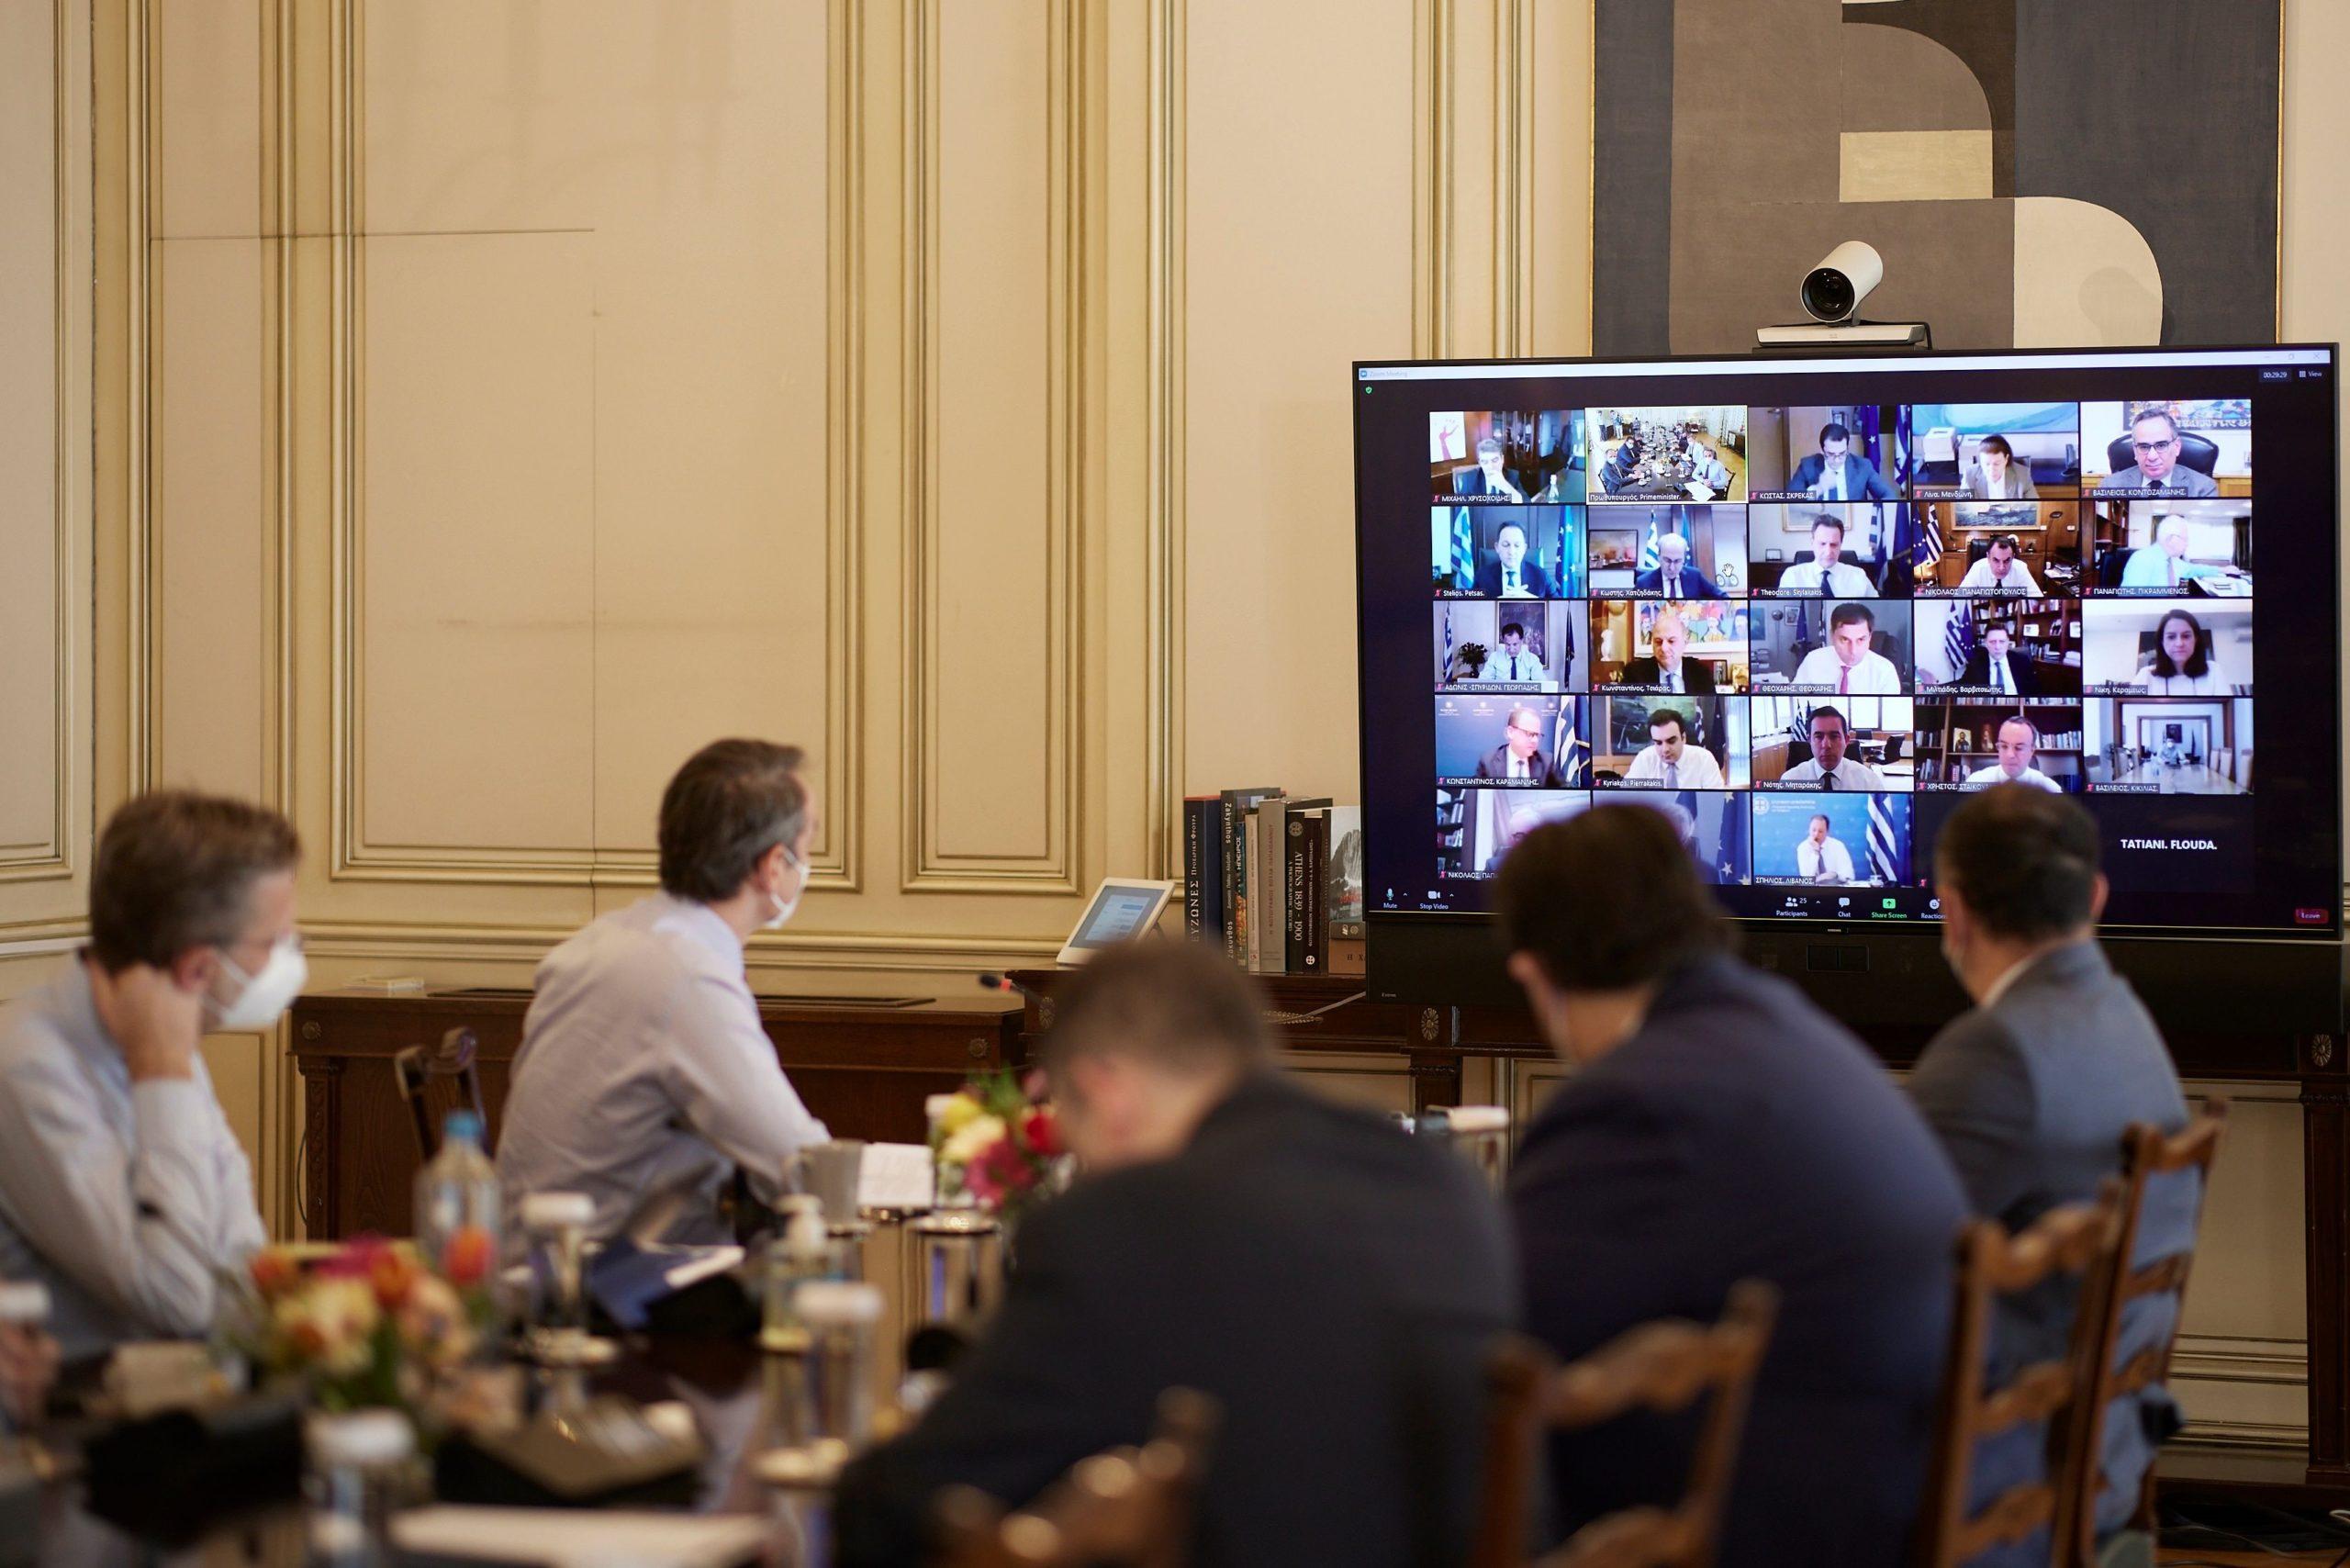 Υπουργικό μέσω τηλεδιάσκεψης υπό τον πρωθυπουργό – Τα θέματα